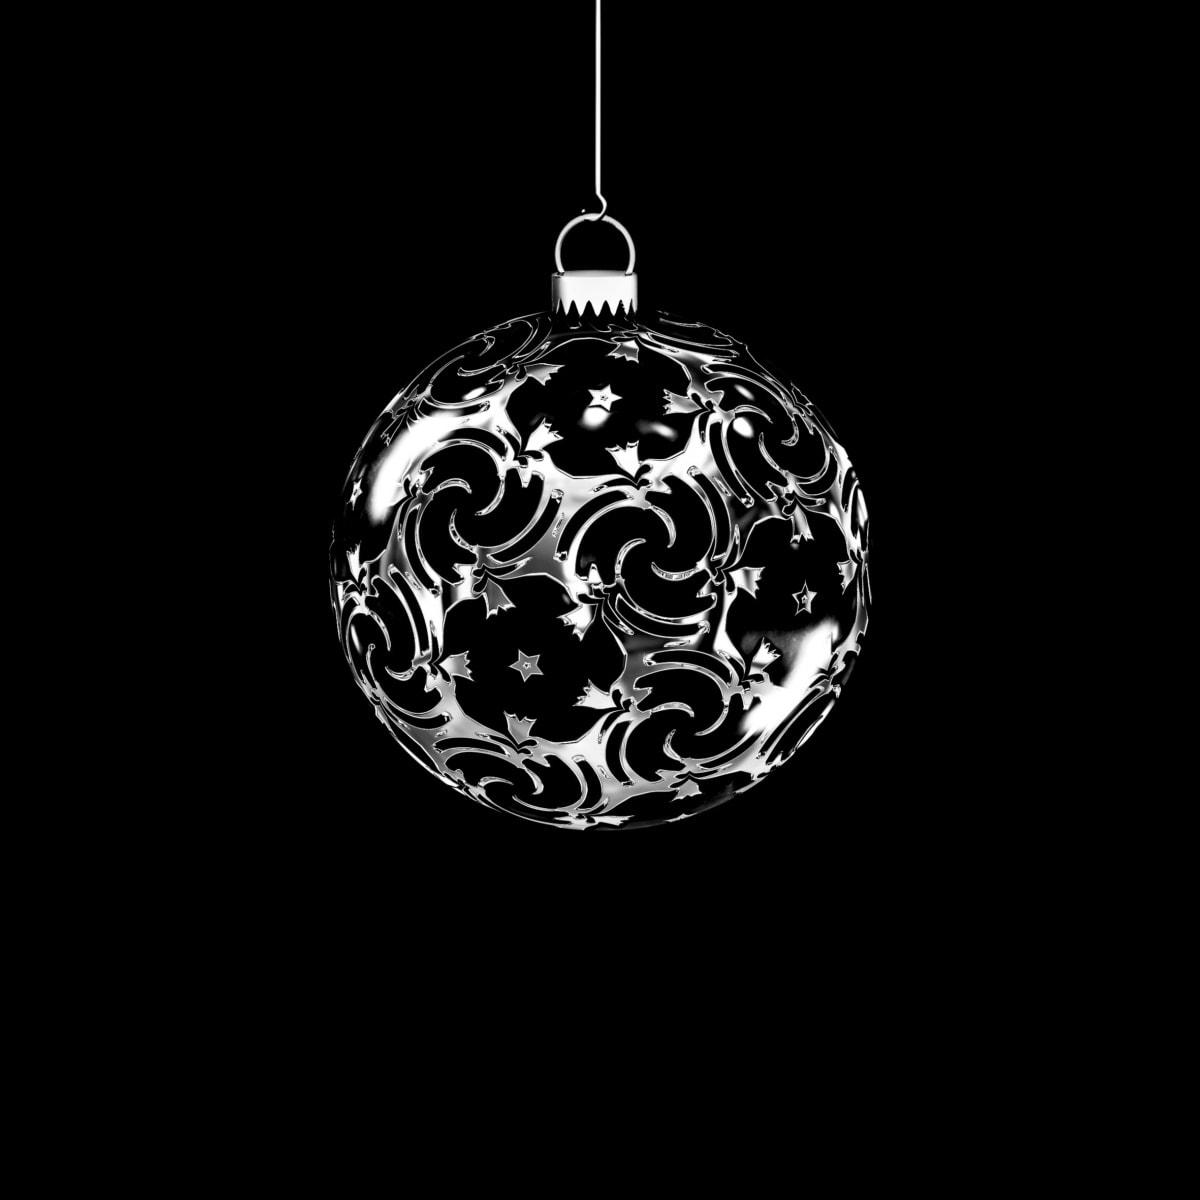 kim loại, màu đen và trắng, trang trí, Giáng sinh, Trang trí, tưởng tượng, treo, lĩnh vực, đồ trang sức, vòng